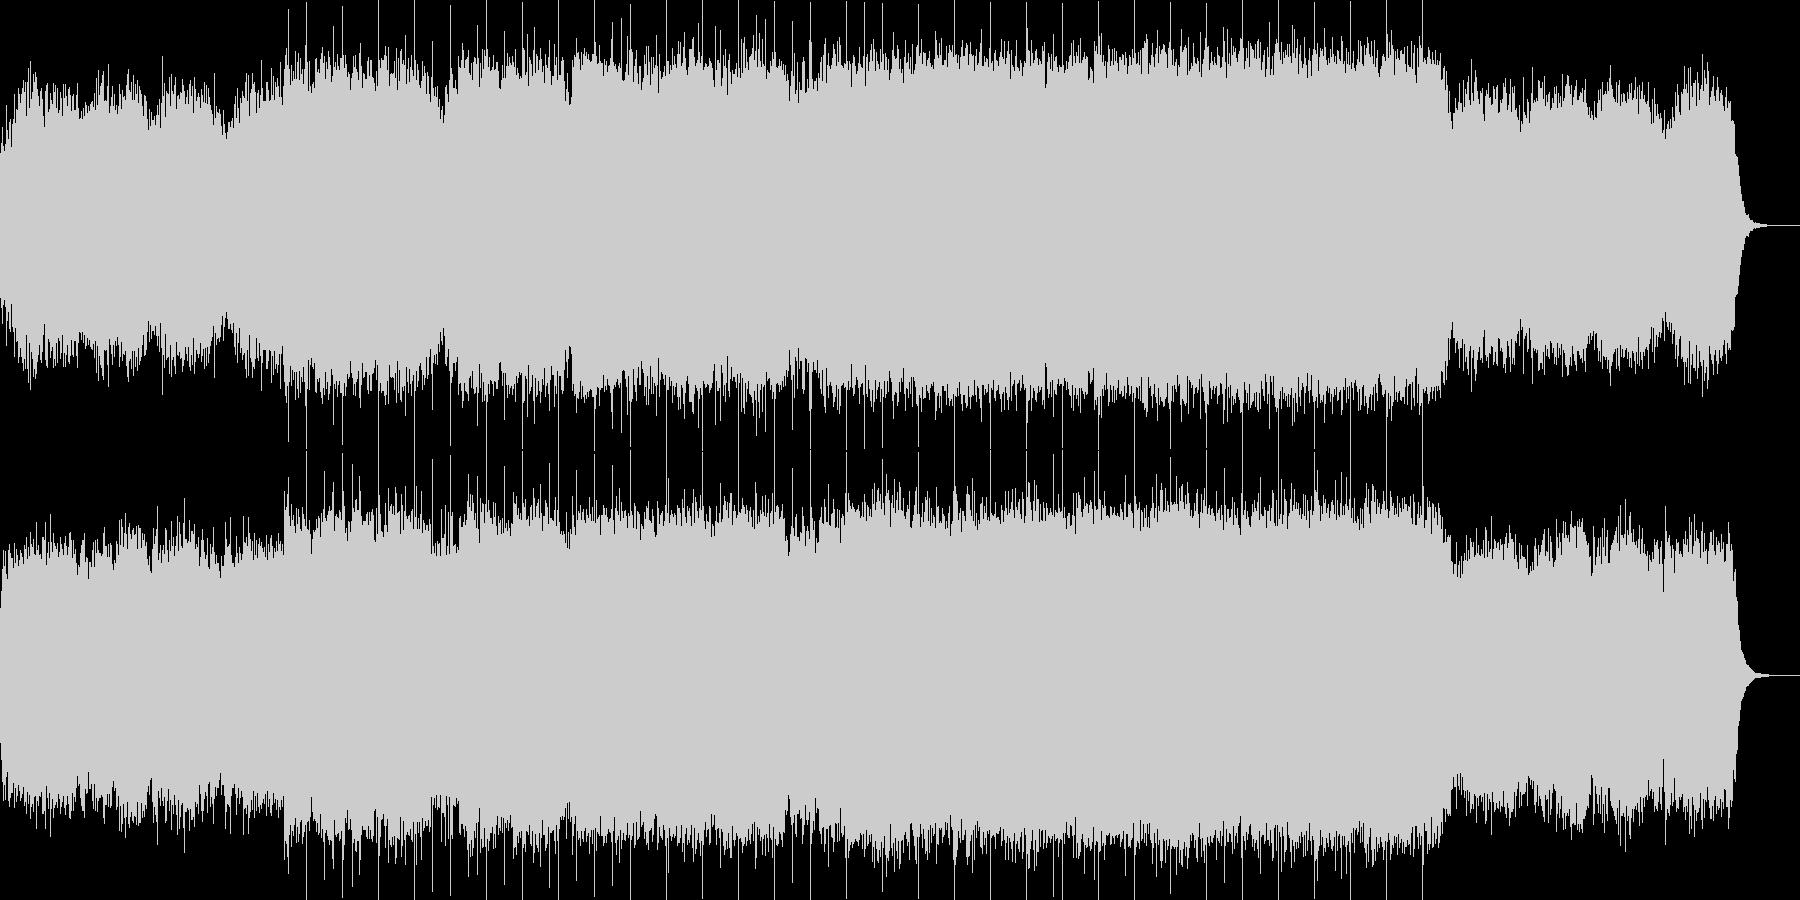 ストリングスが印象付ける幻想的な楽曲の未再生の波形